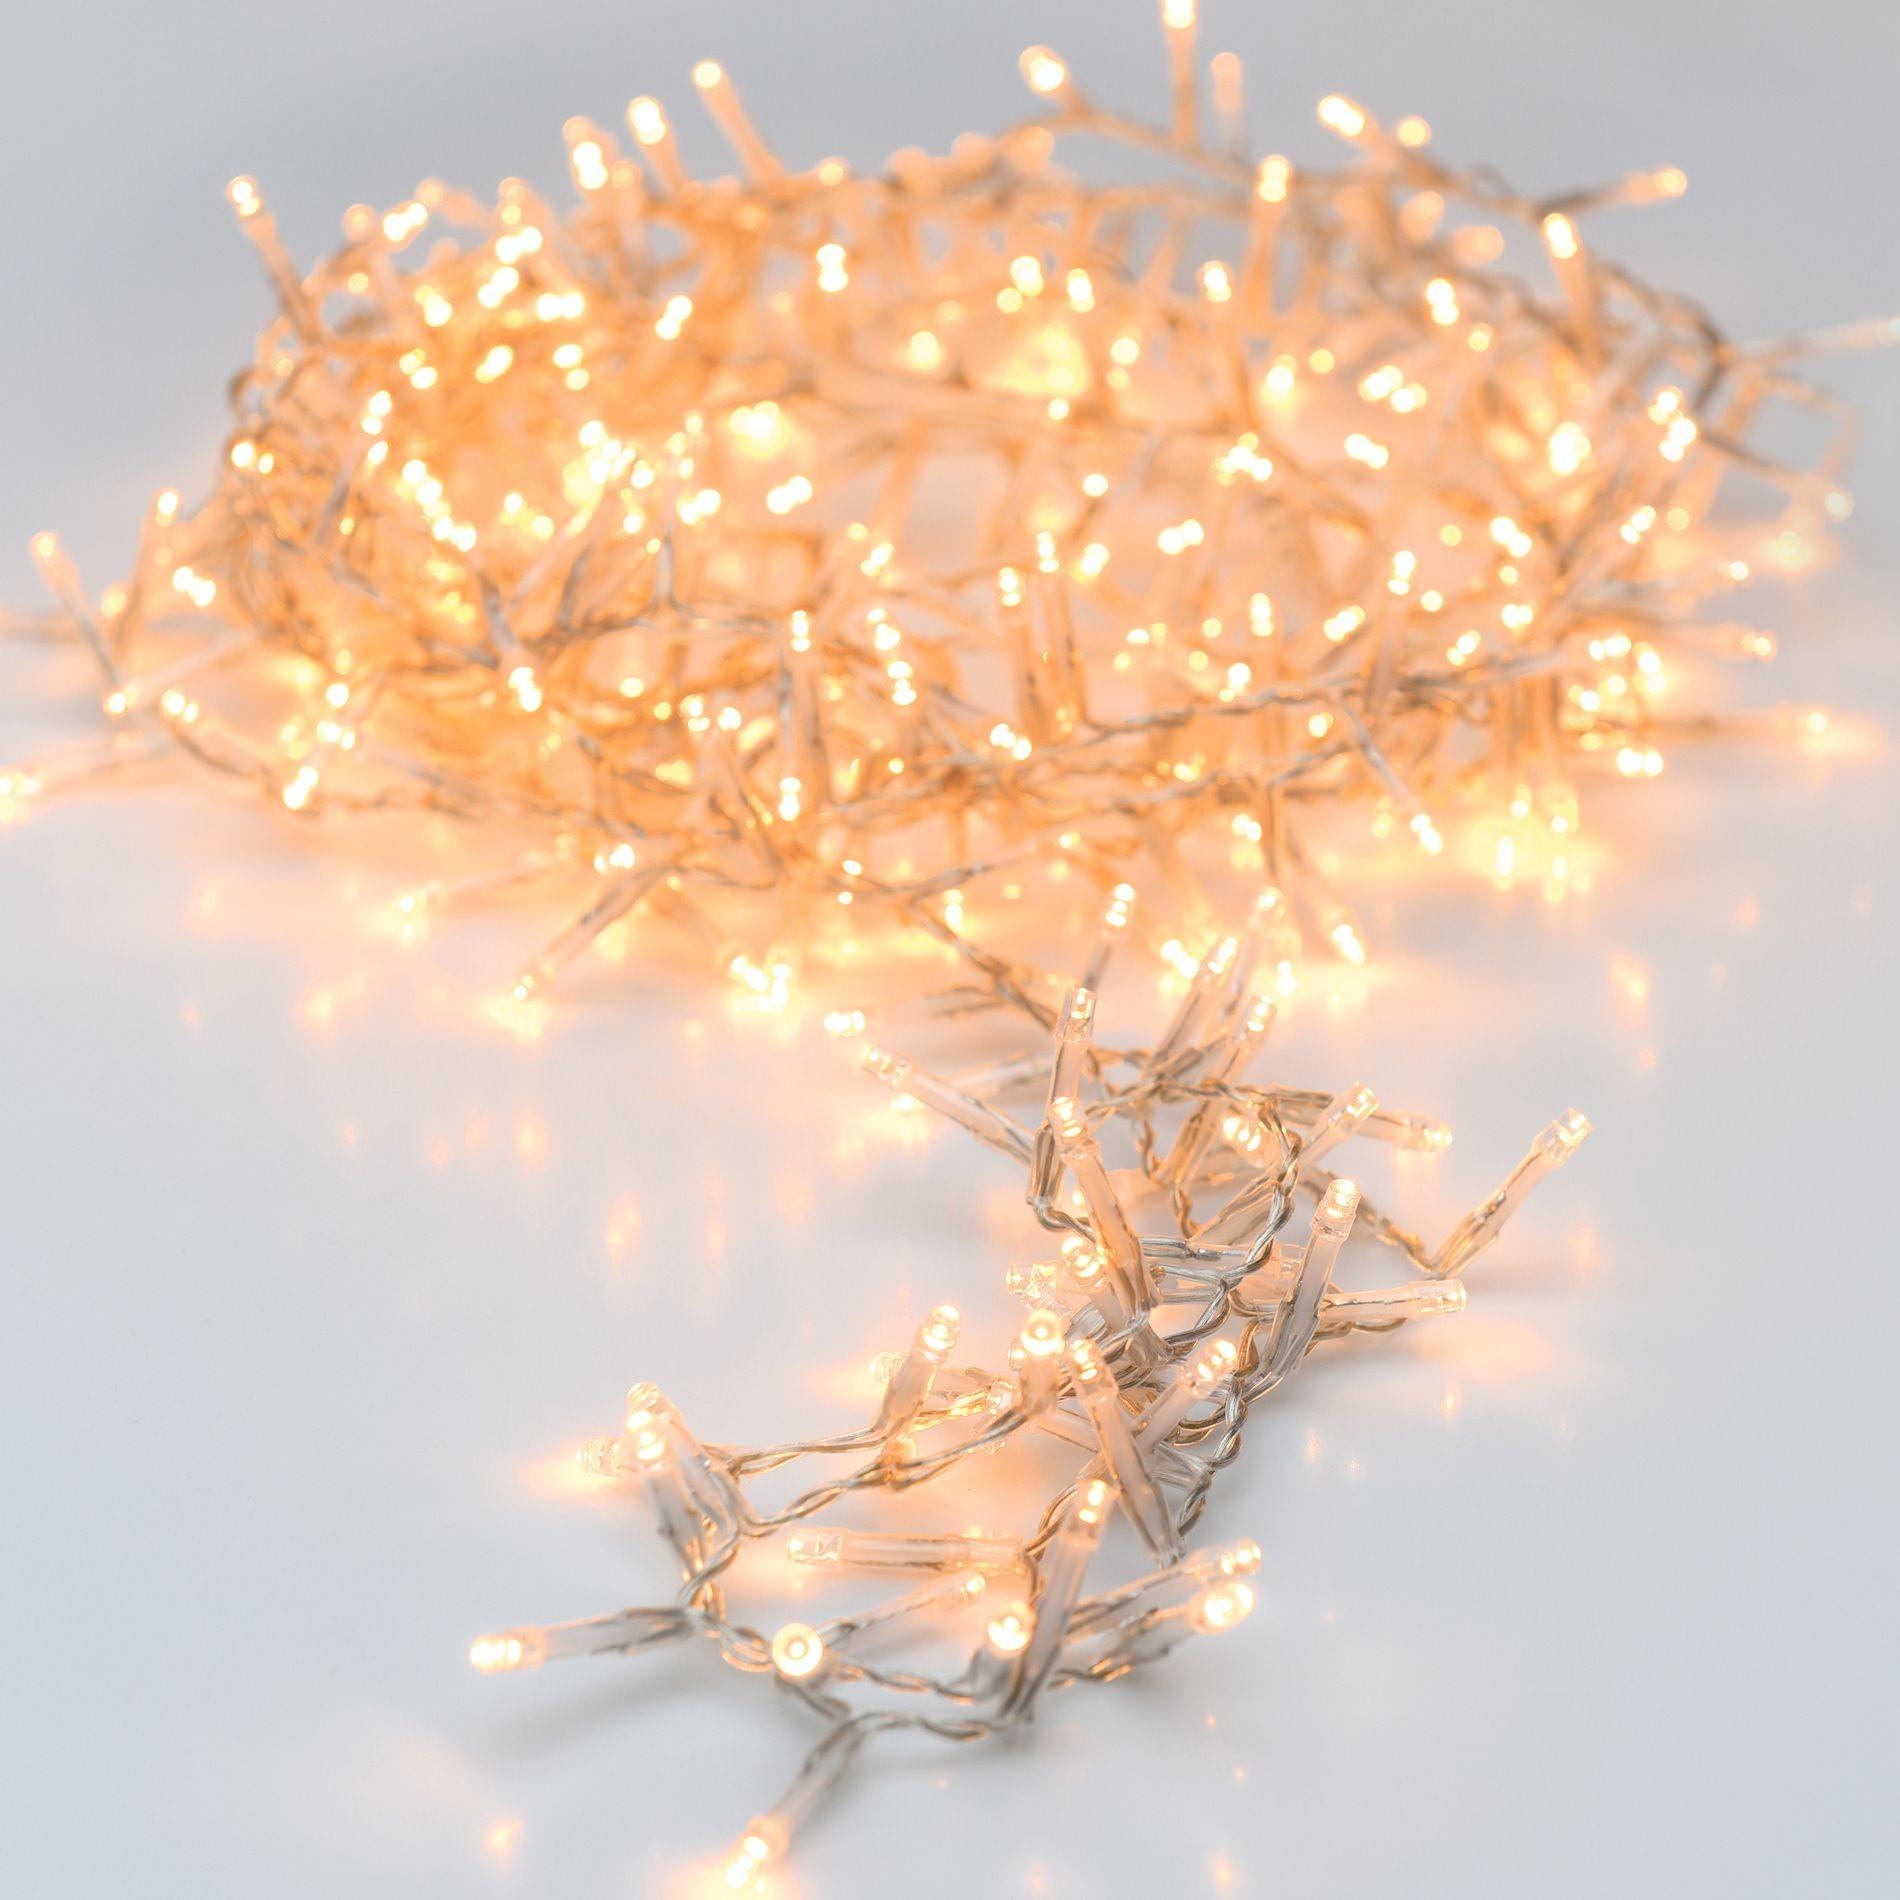 Guirlande lumineuse 20m blanc chaud 1000 leds